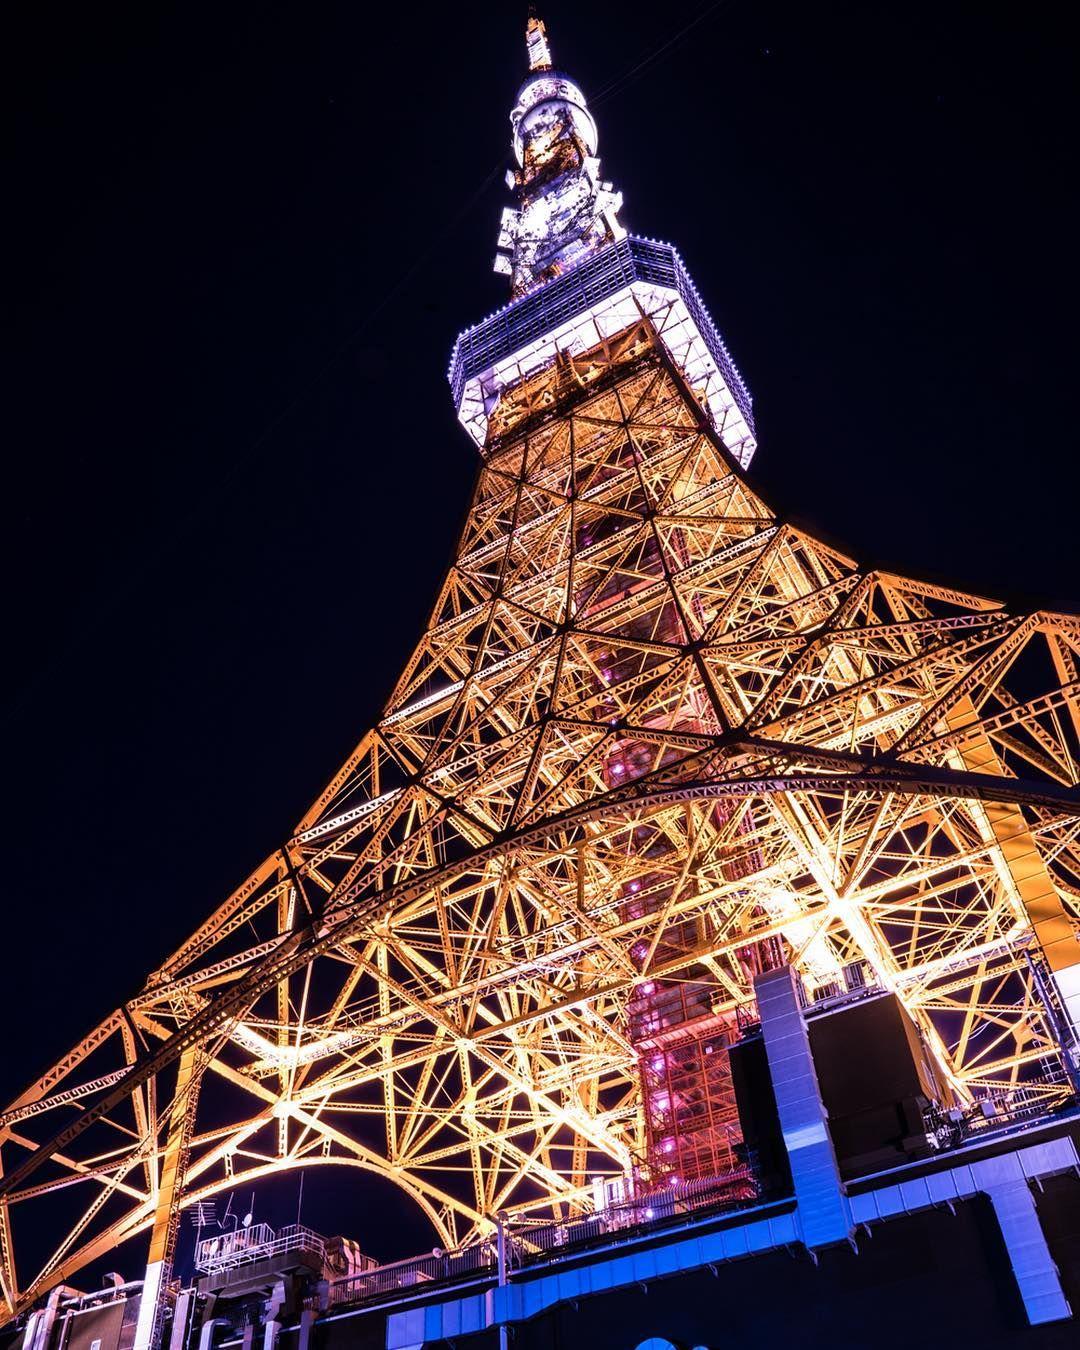 #東京タワー #夜景